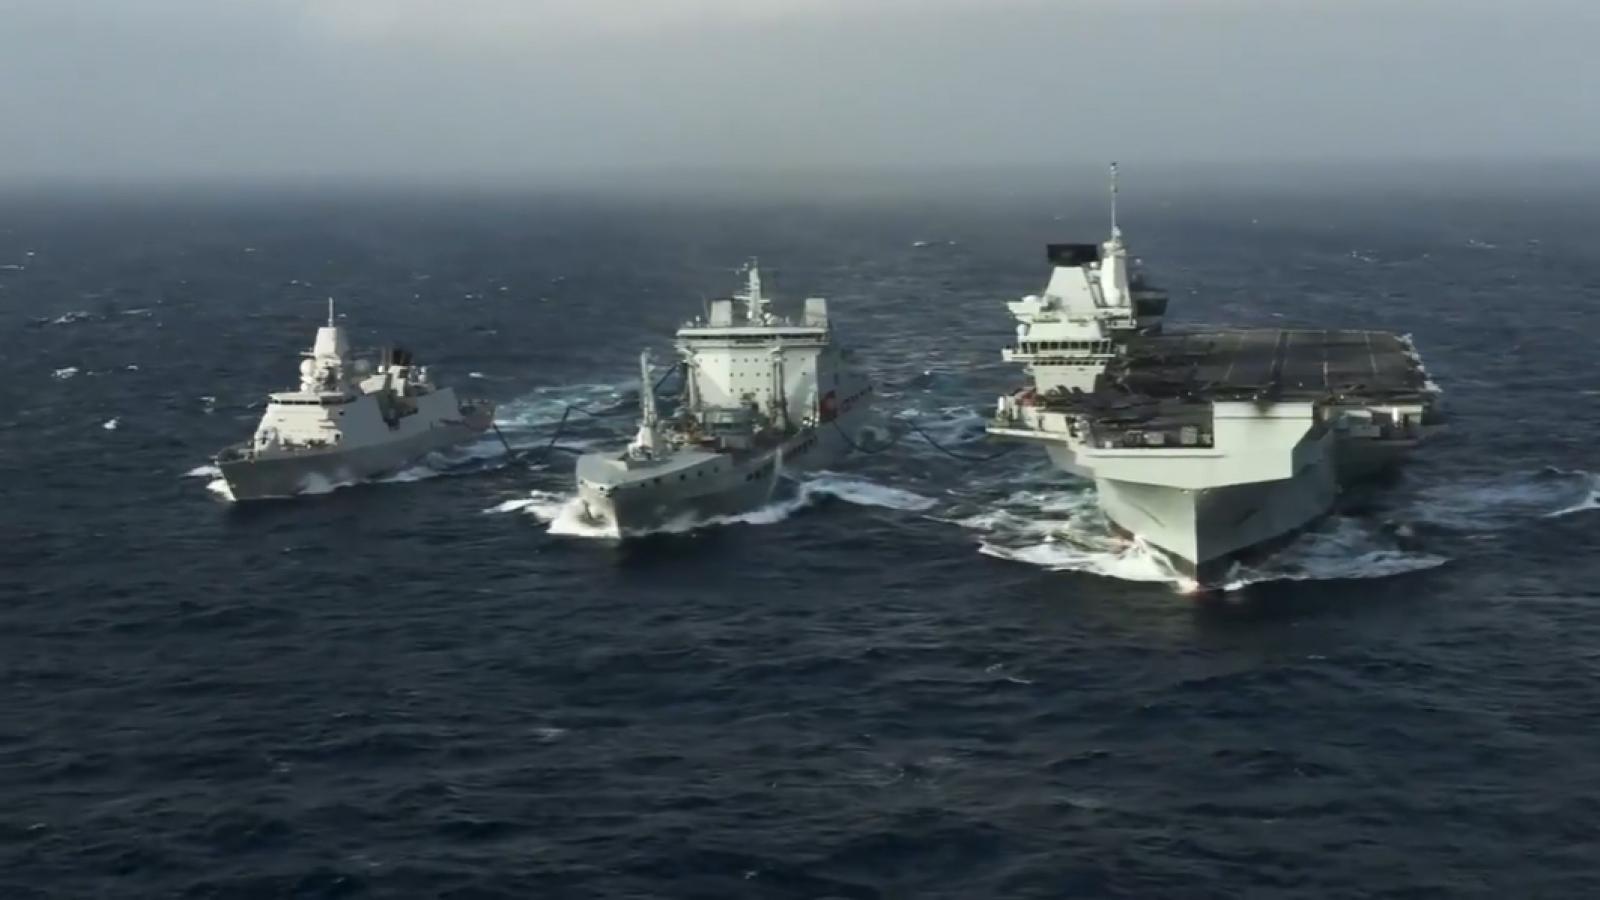 Hải quân Mỹ đăng tải video tàu sân bay Anh Queen Elizabeth hoạt động ở Biển Đông